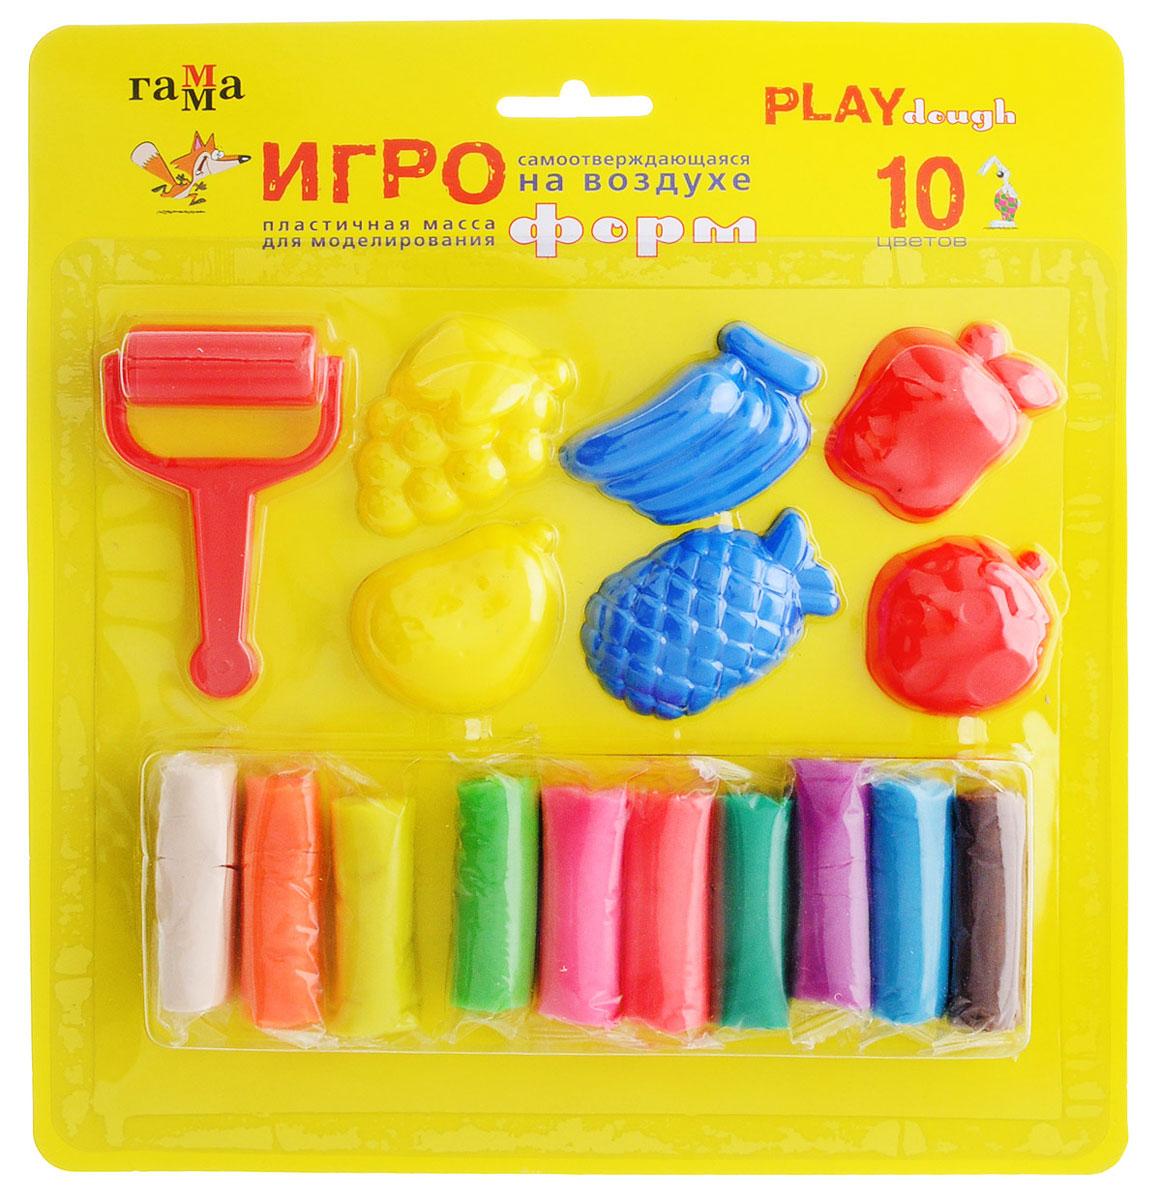 Гамма Набор для лепки Игроформ482003Набор для лепки Гамма Игроформ приведет в восторг вашего малыша. Пластилин обладает удивительной пластичностью, не пачкается и не липнет к рукам и рабочей поверхности, очень податливо принимает любые формы, а также полностью застывает на открытом воздухе. Набор включает 10 насыщенных цветов - зеленый, синий, желтый, красный, белый, оранжевый, розовый, темно-зеленый, фиолетовый, коричневый. Цвета отлично смешиваются между собой, образуя новые оттенки. Пластилин для лепки каждого цвета хранится в отдельном пакетике. Также в набор входят пластиковый ролик для раскатывания и 6 формочек. Лепка поможет малышу развить мелкую моторику рук, творческое мышление, фантазию и воображение, а также способствует самовыражению.